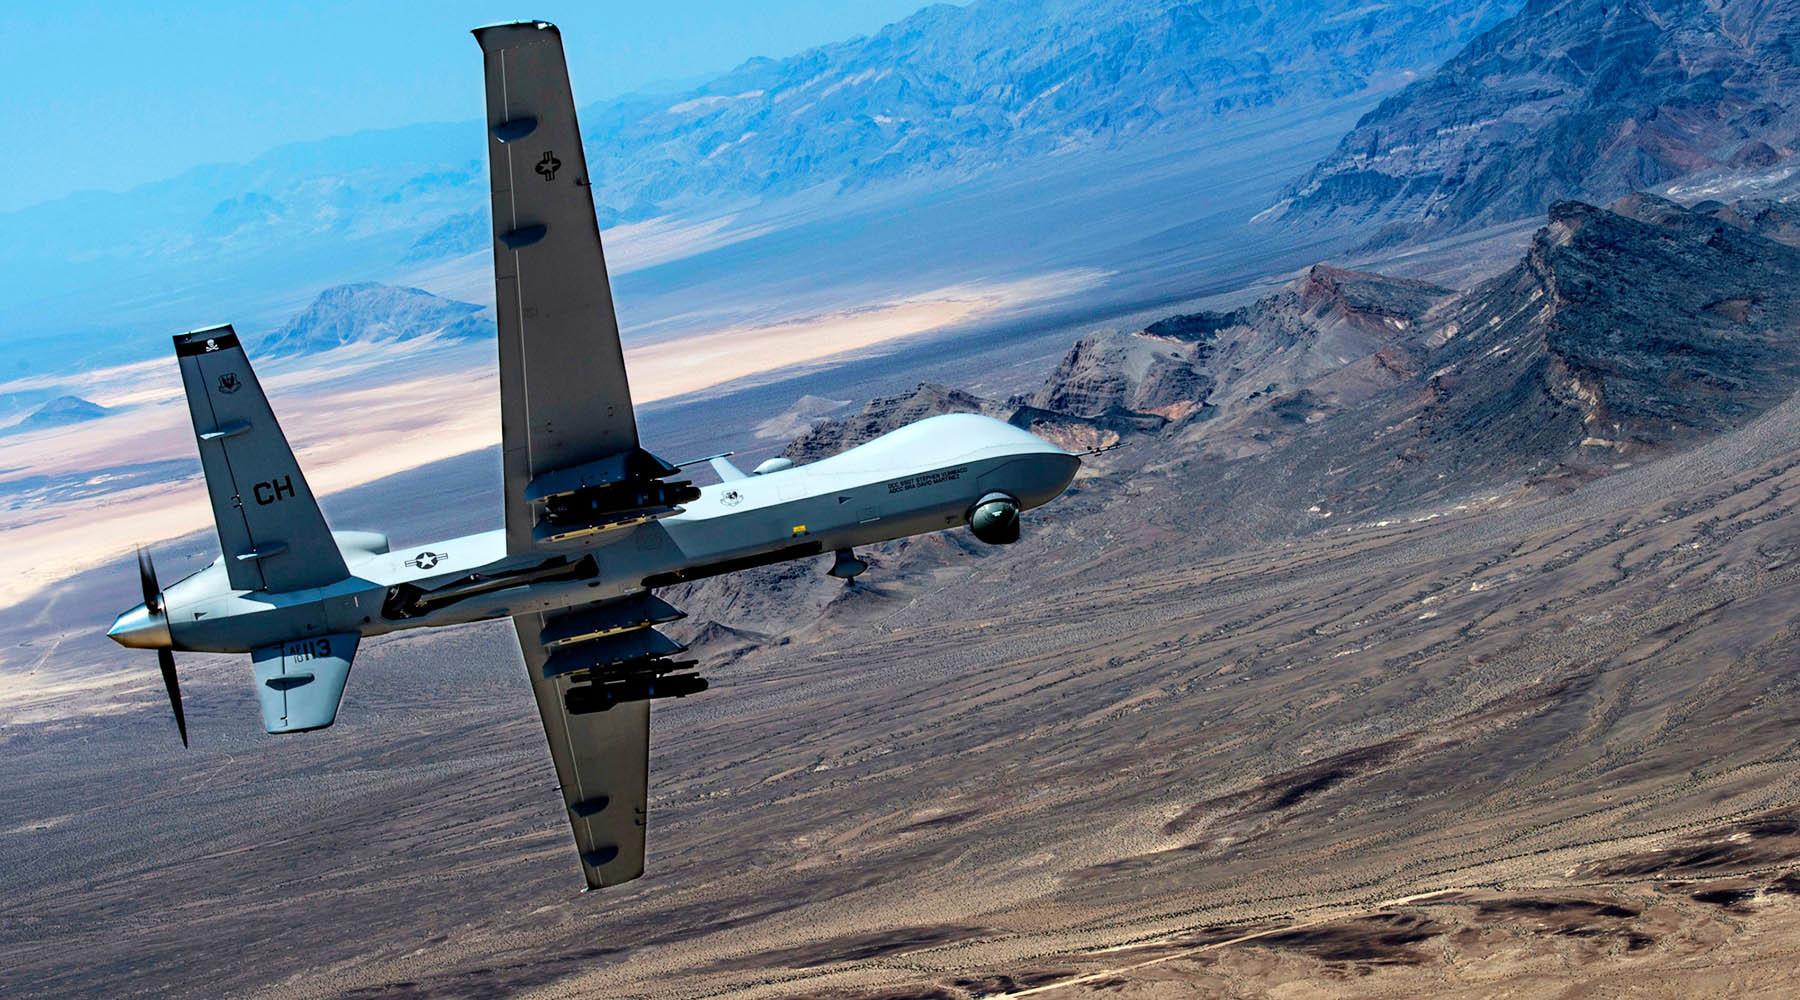 США планируют бомбить позиции боевиков ИГ на Филиппинах